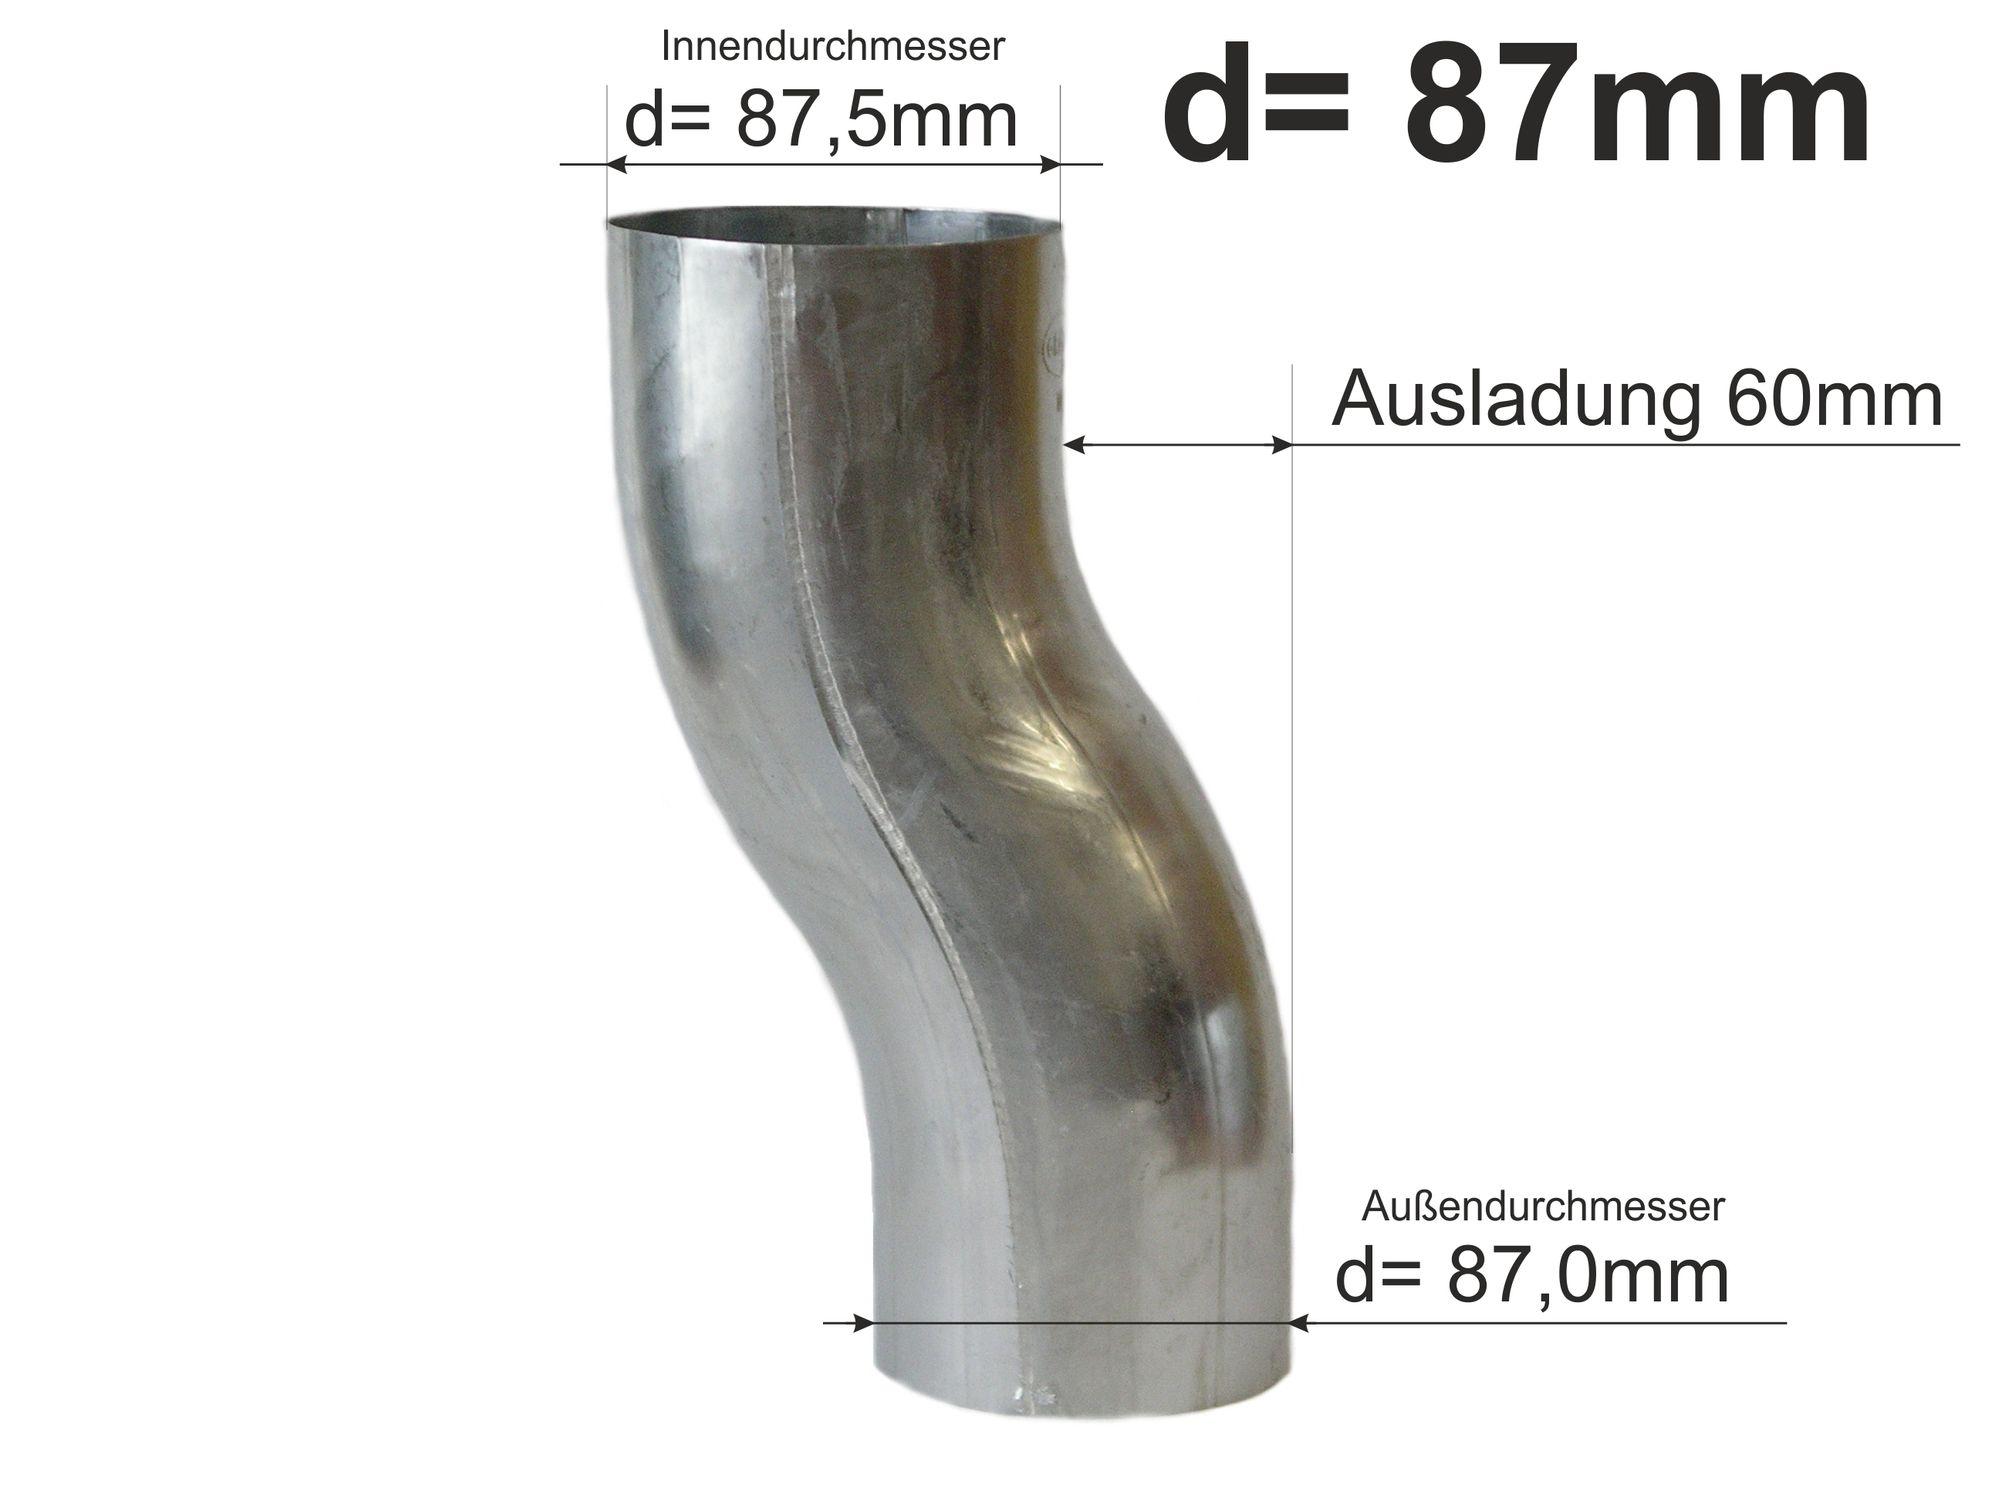 87 mm 80 Sockelknie mit 60 mm Ausladung Kupfer in den Gr/ö/ßen 76 87 und 100 mm